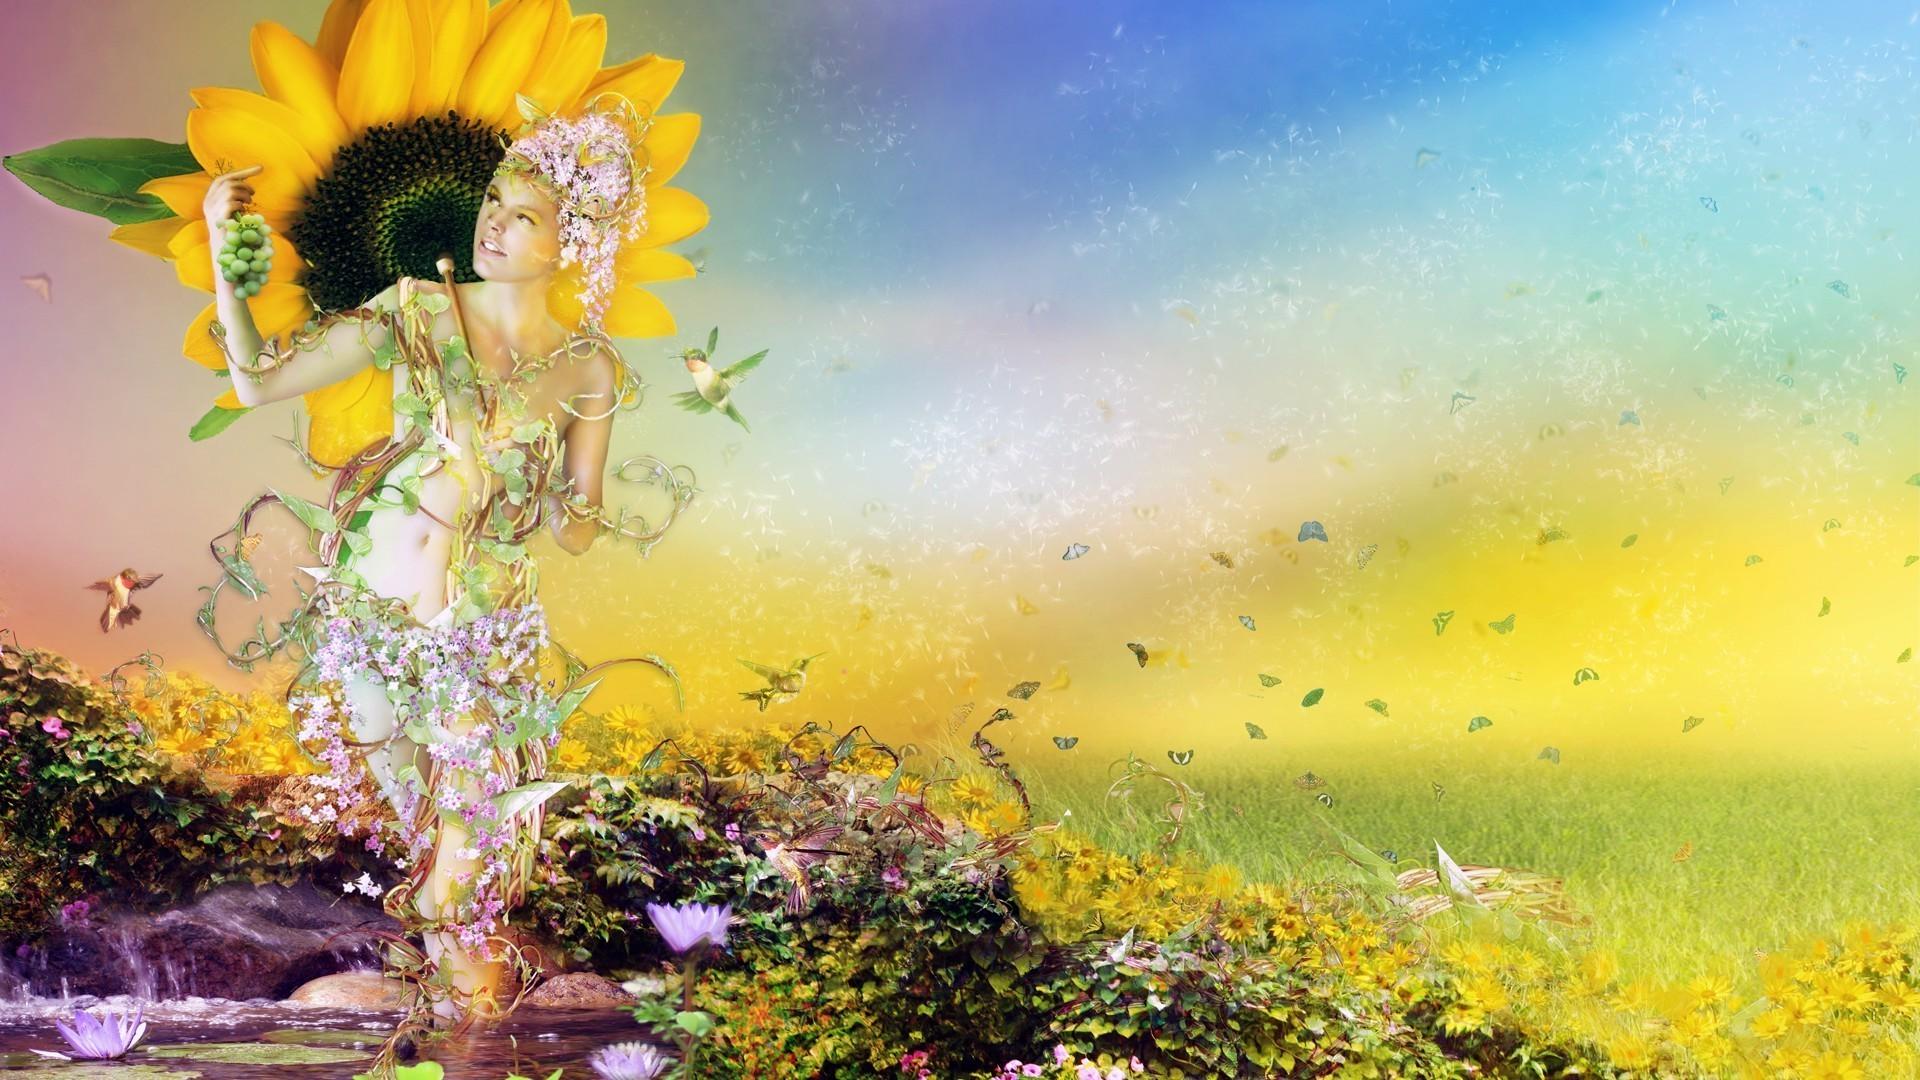 Три, открытки с красивой природой и женщиной